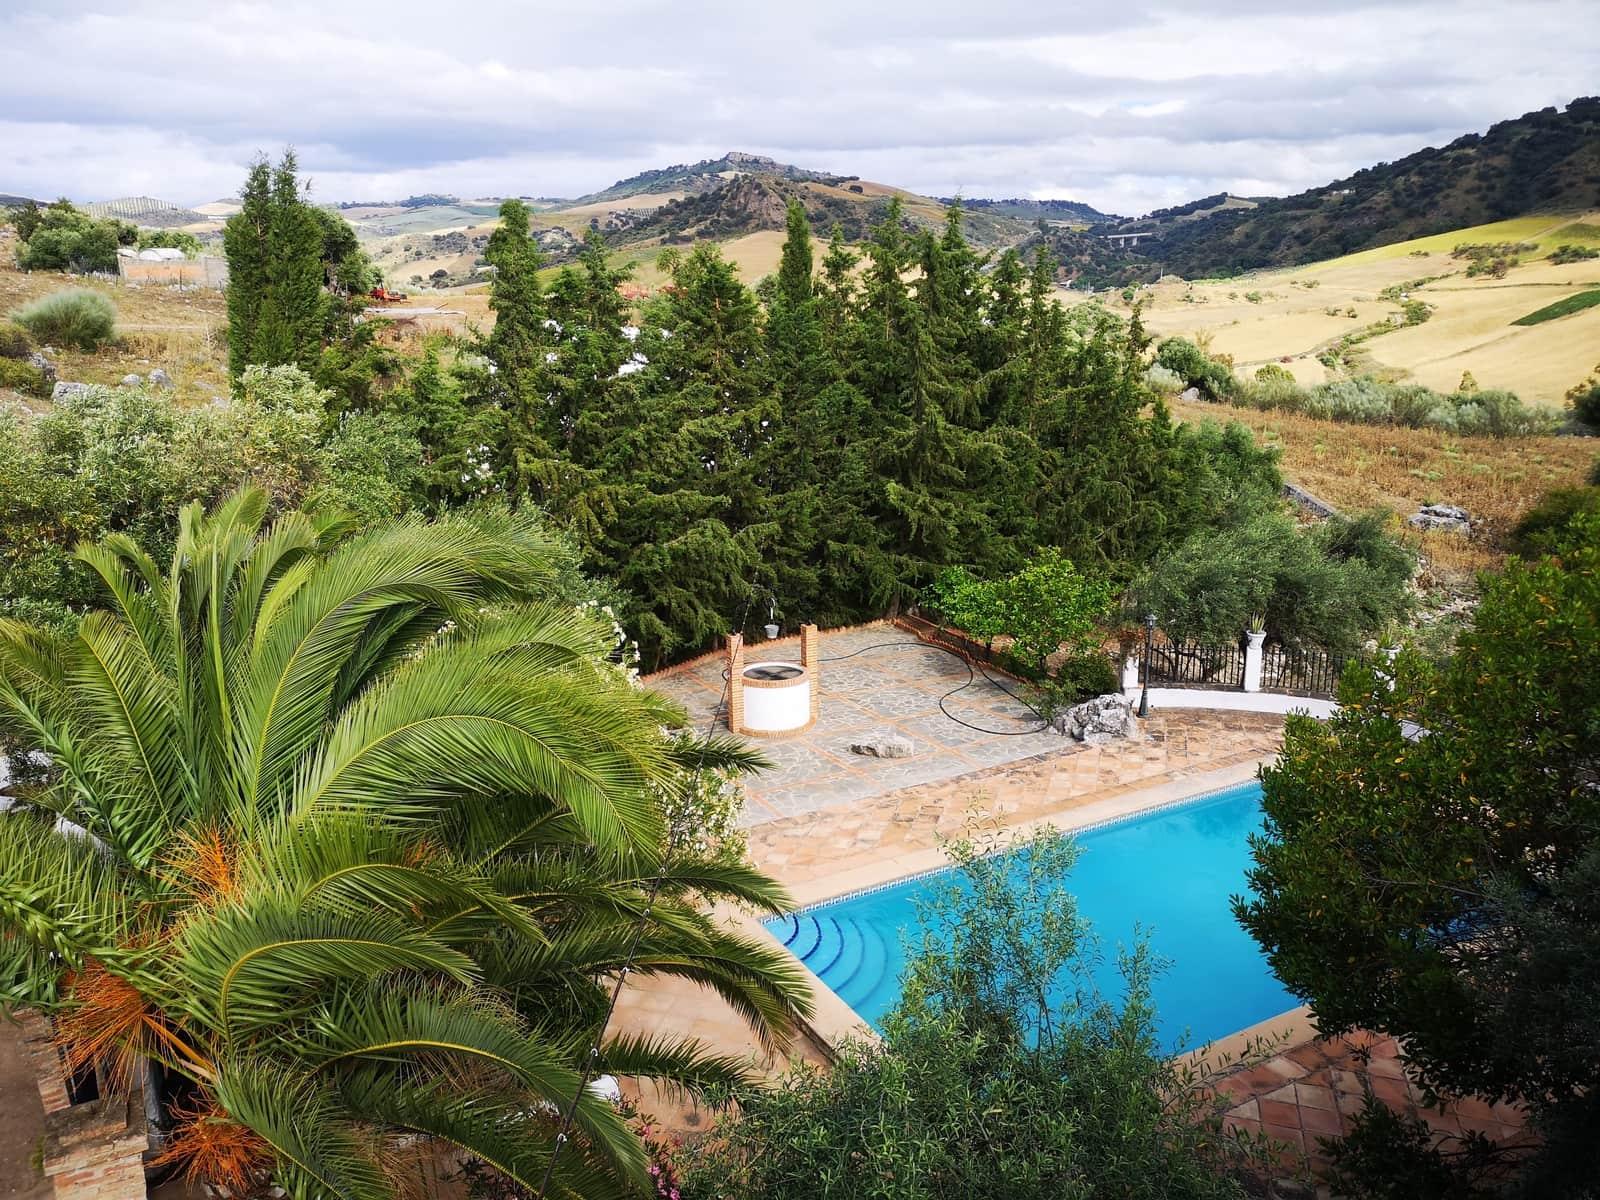 9 sypialnia Finka/Dom wiejski na sprzedaż w Ronda z basenem - 900 000 € (Ref: 5648492)